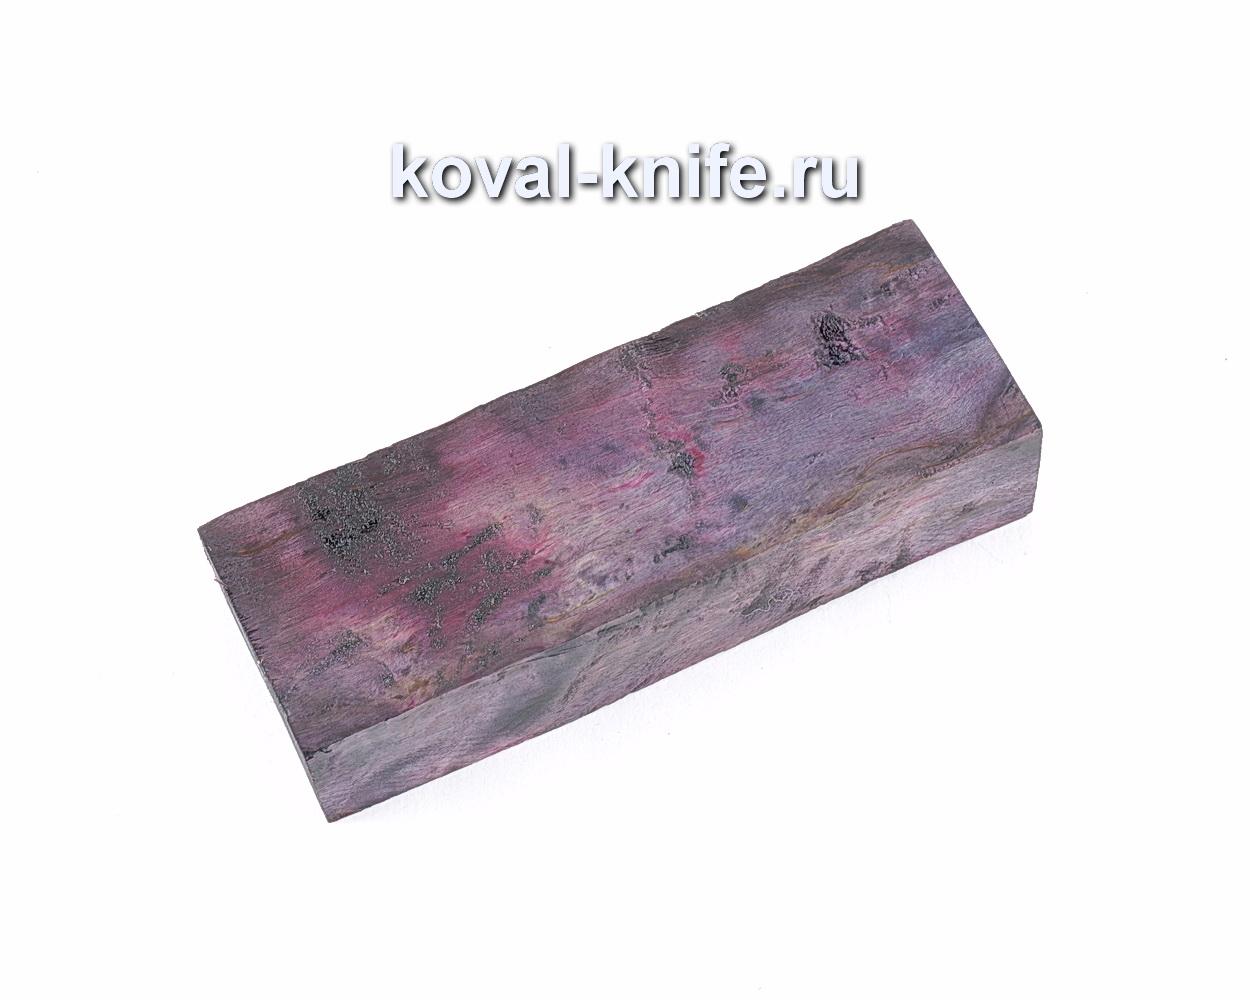 Карельская береза стабилизированная для рукоятки ножа (фиолетовая)